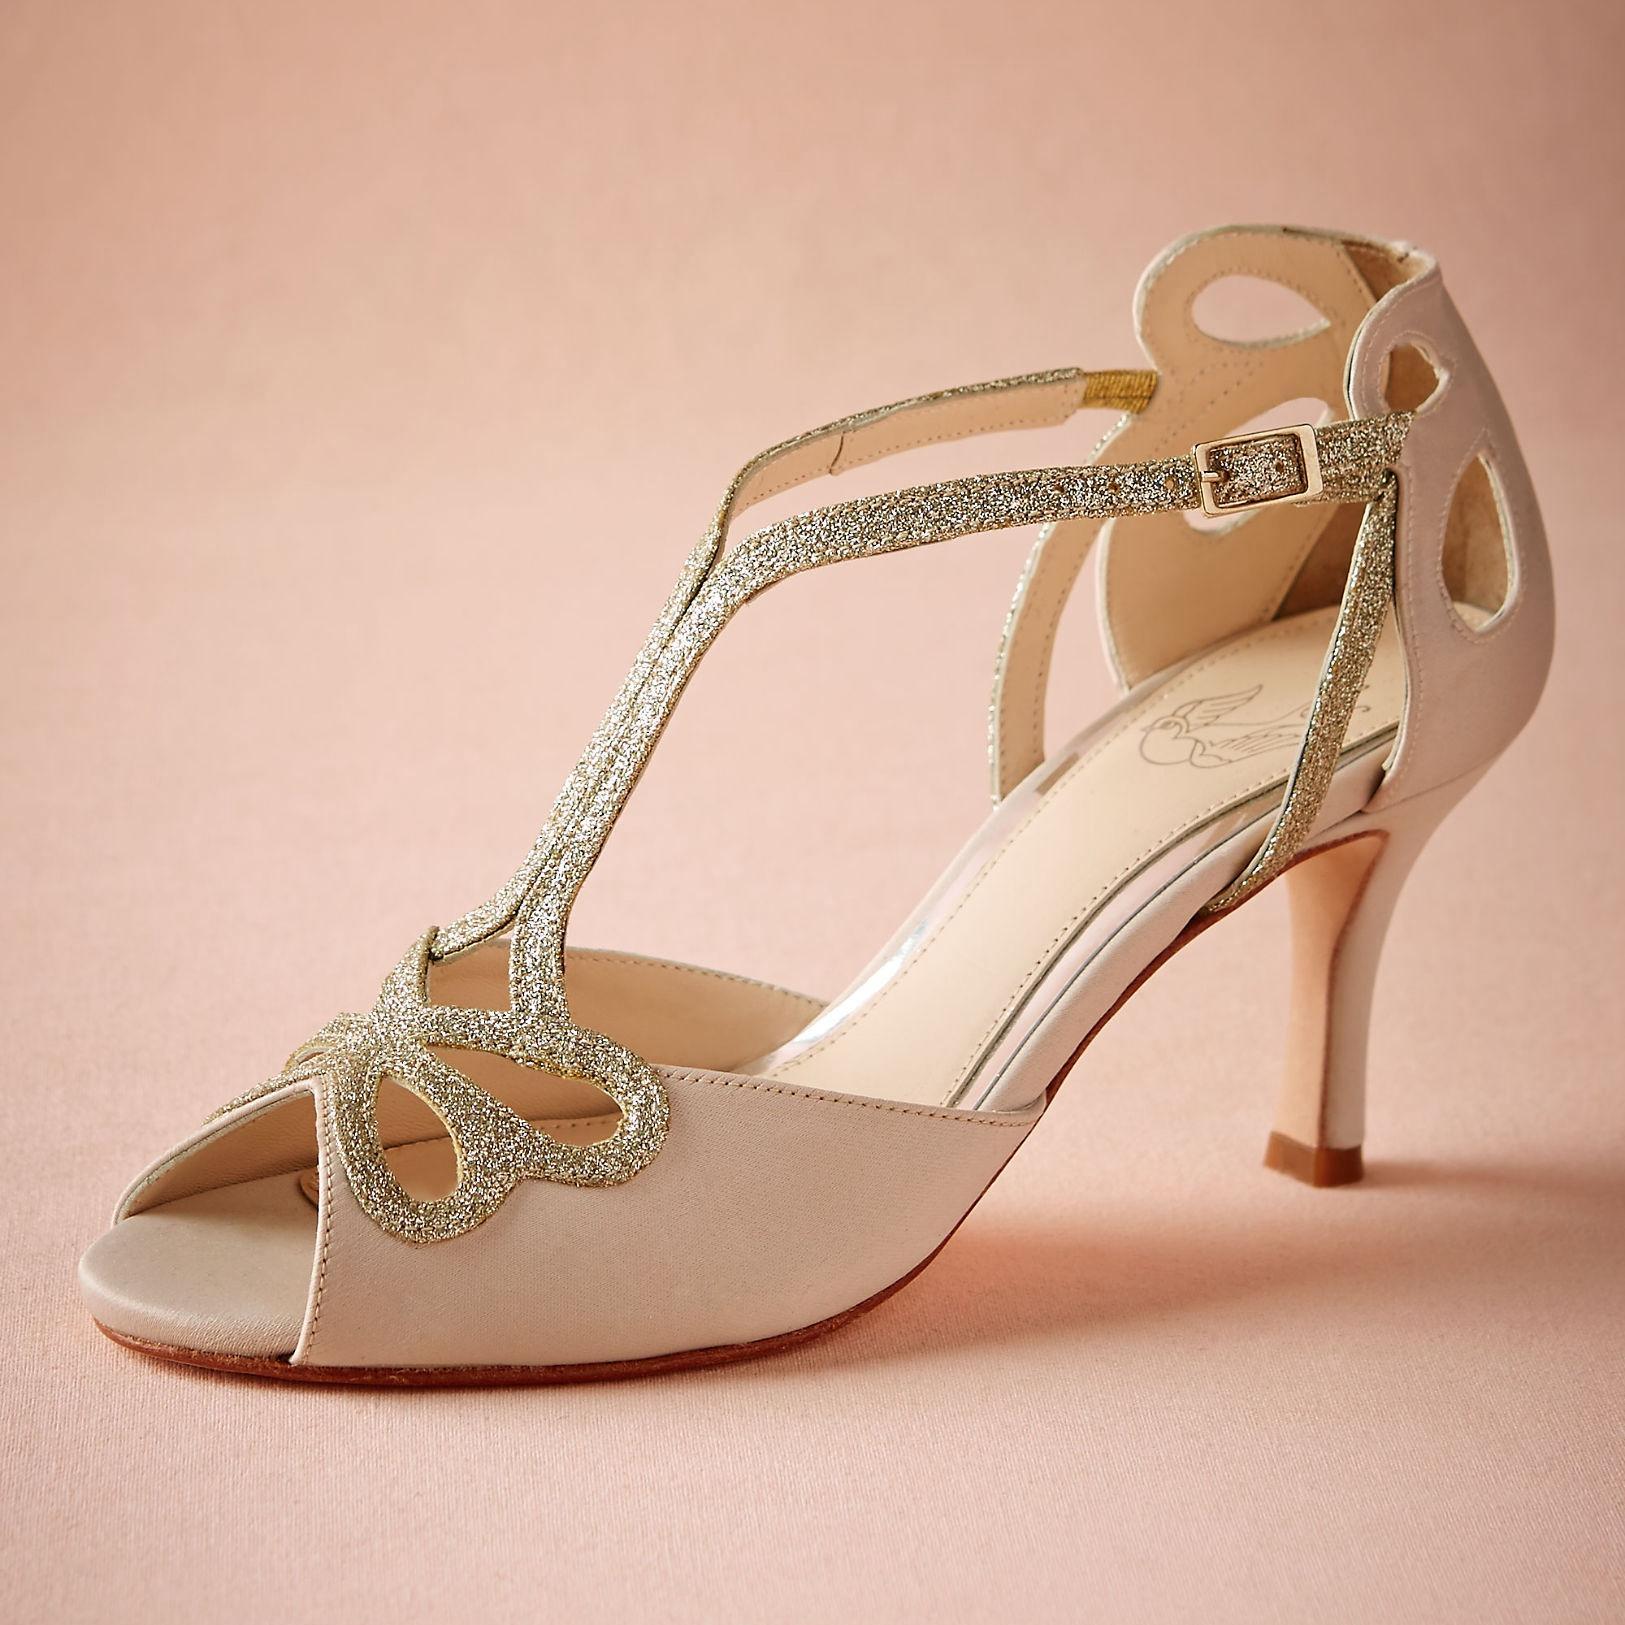 0af73d32b Blush Salto Baixo Sapatos De Casamento Oco Out Peep Toe Sandálias De Noiva  Para As Mulheres Fivela 4